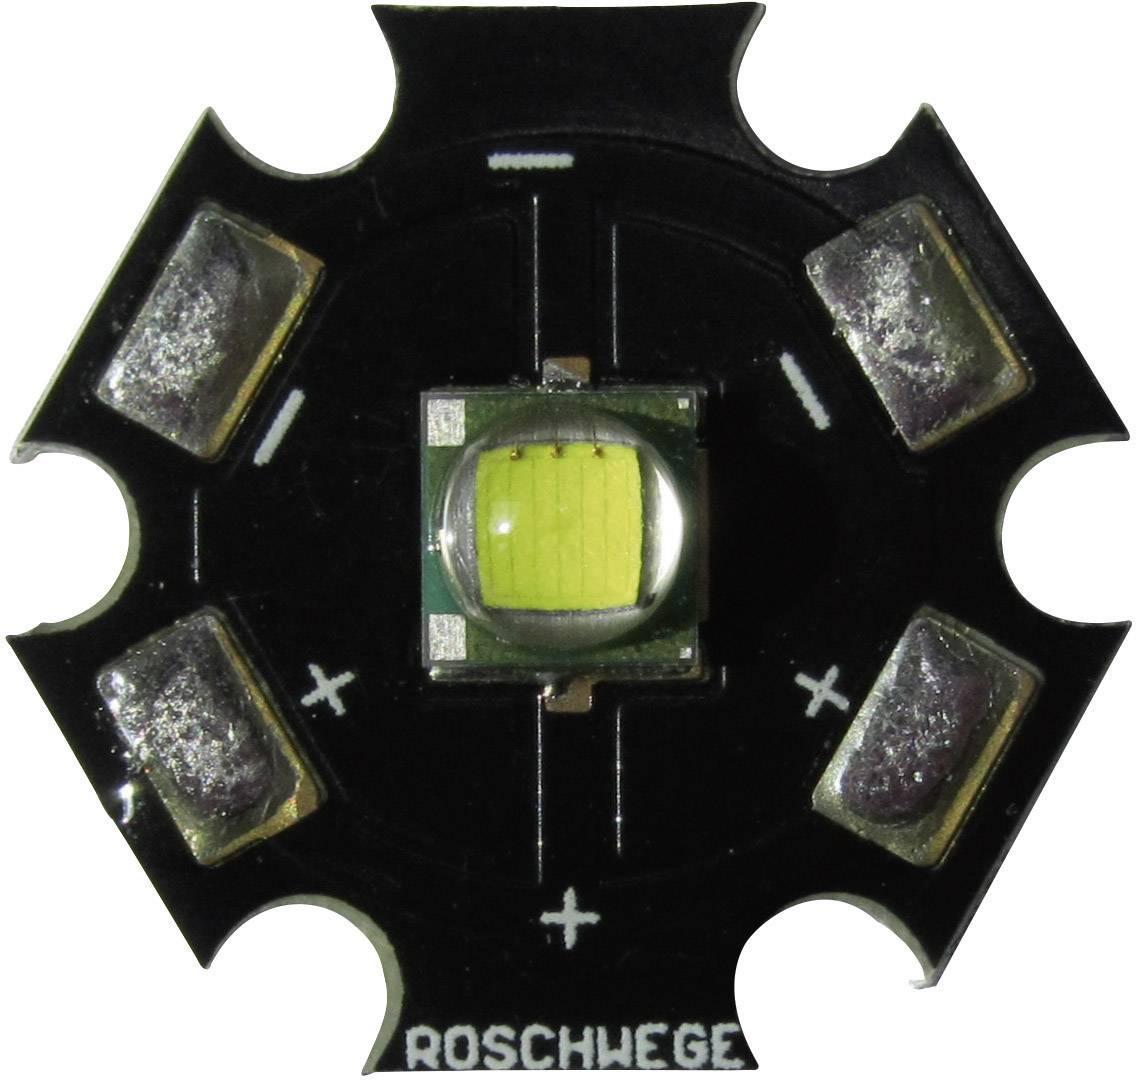 HighPower LED Roschwege 10 W, 220 lm, 3.1 V, 1500 mA, teplá biela